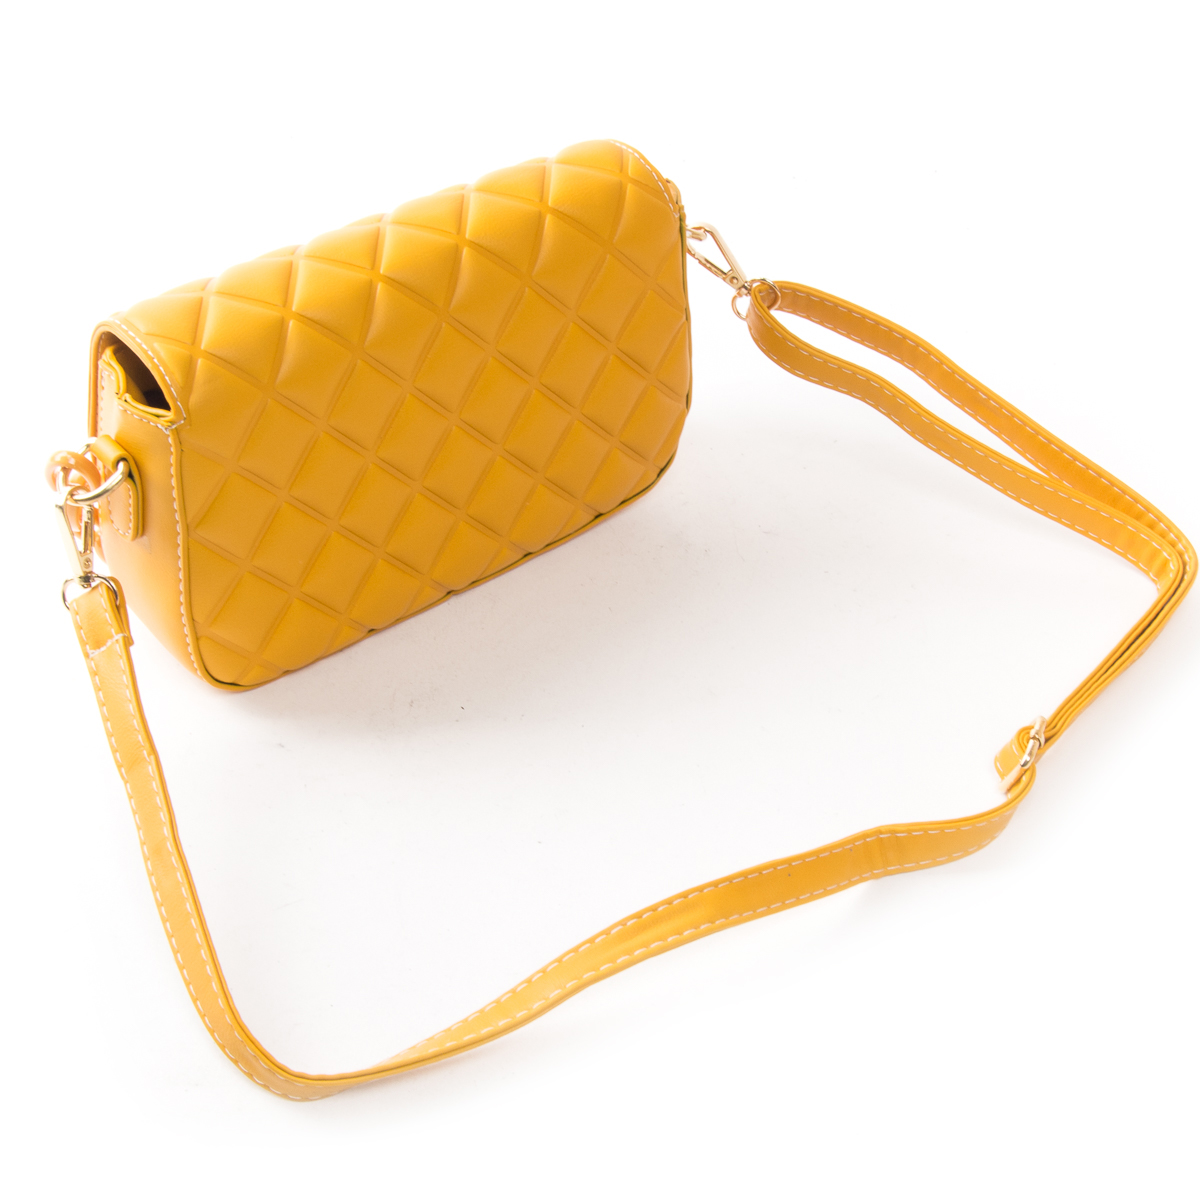 Сумка Женская Классическая иск-кожа FASHION 01-00 8697 yellow - фото 4